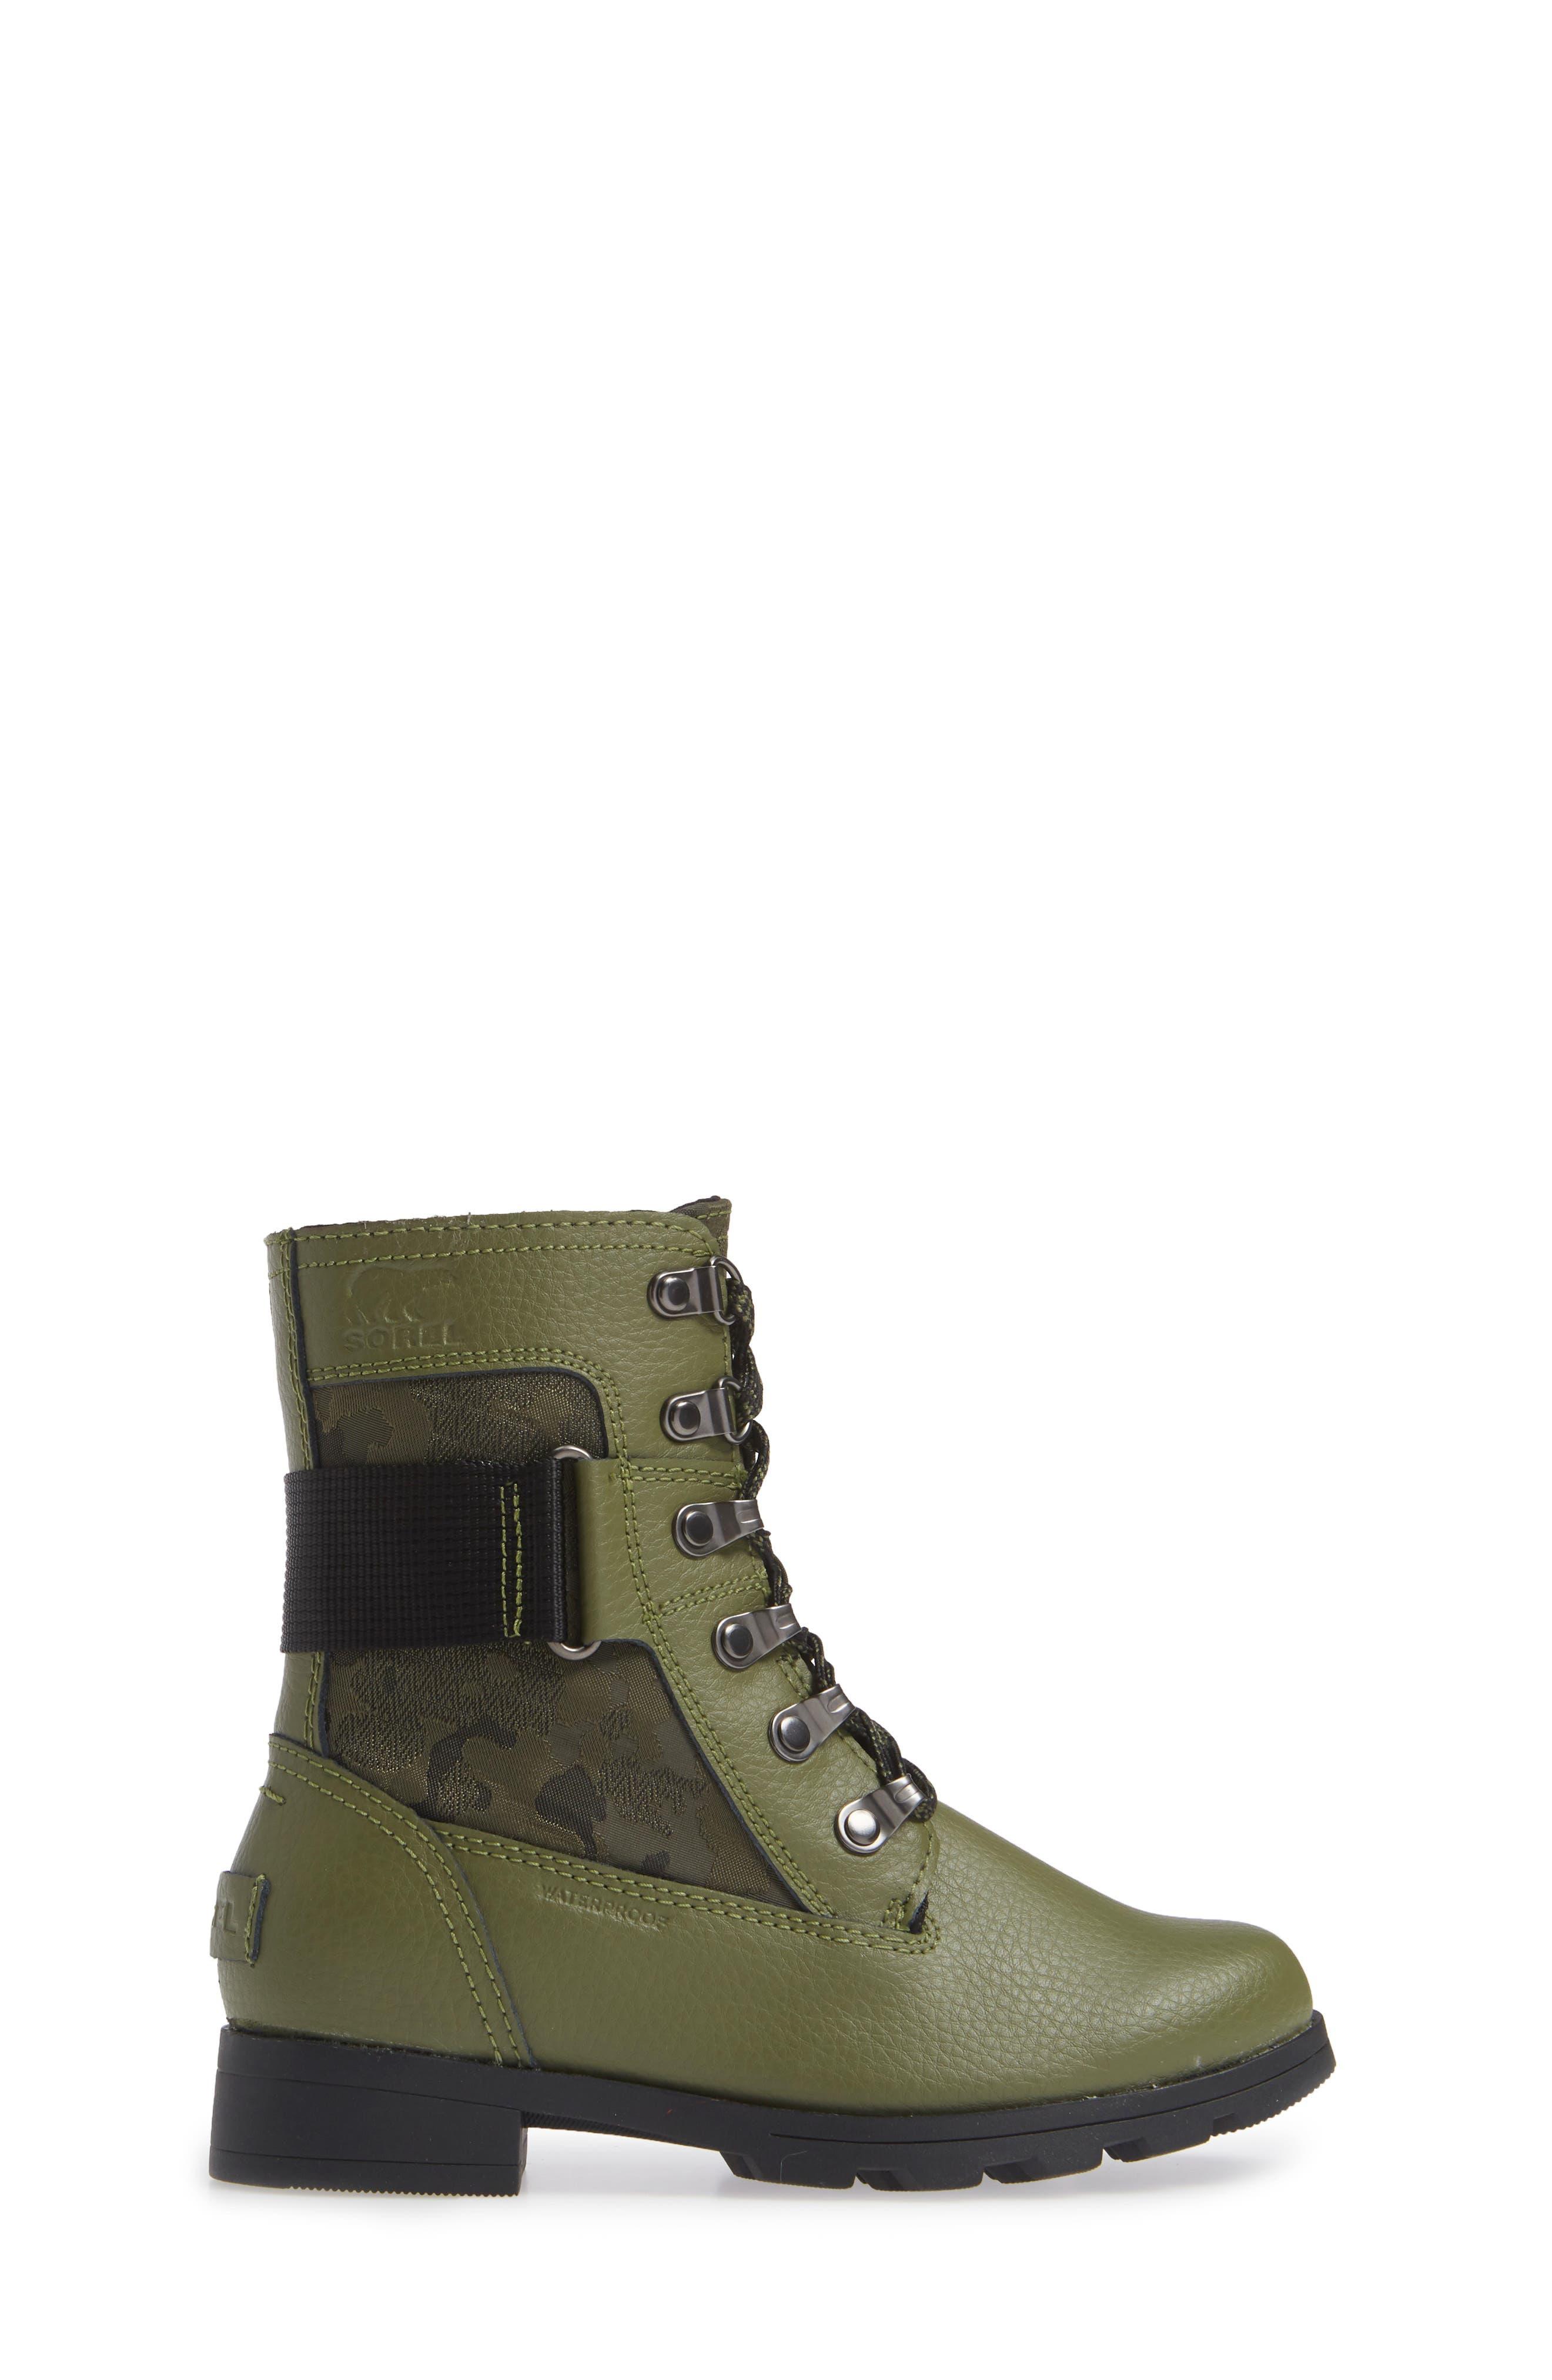 Emelie Waterproof Boot,                             Alternate thumbnail 3, color,                             HIKER GREEN/ BLACK